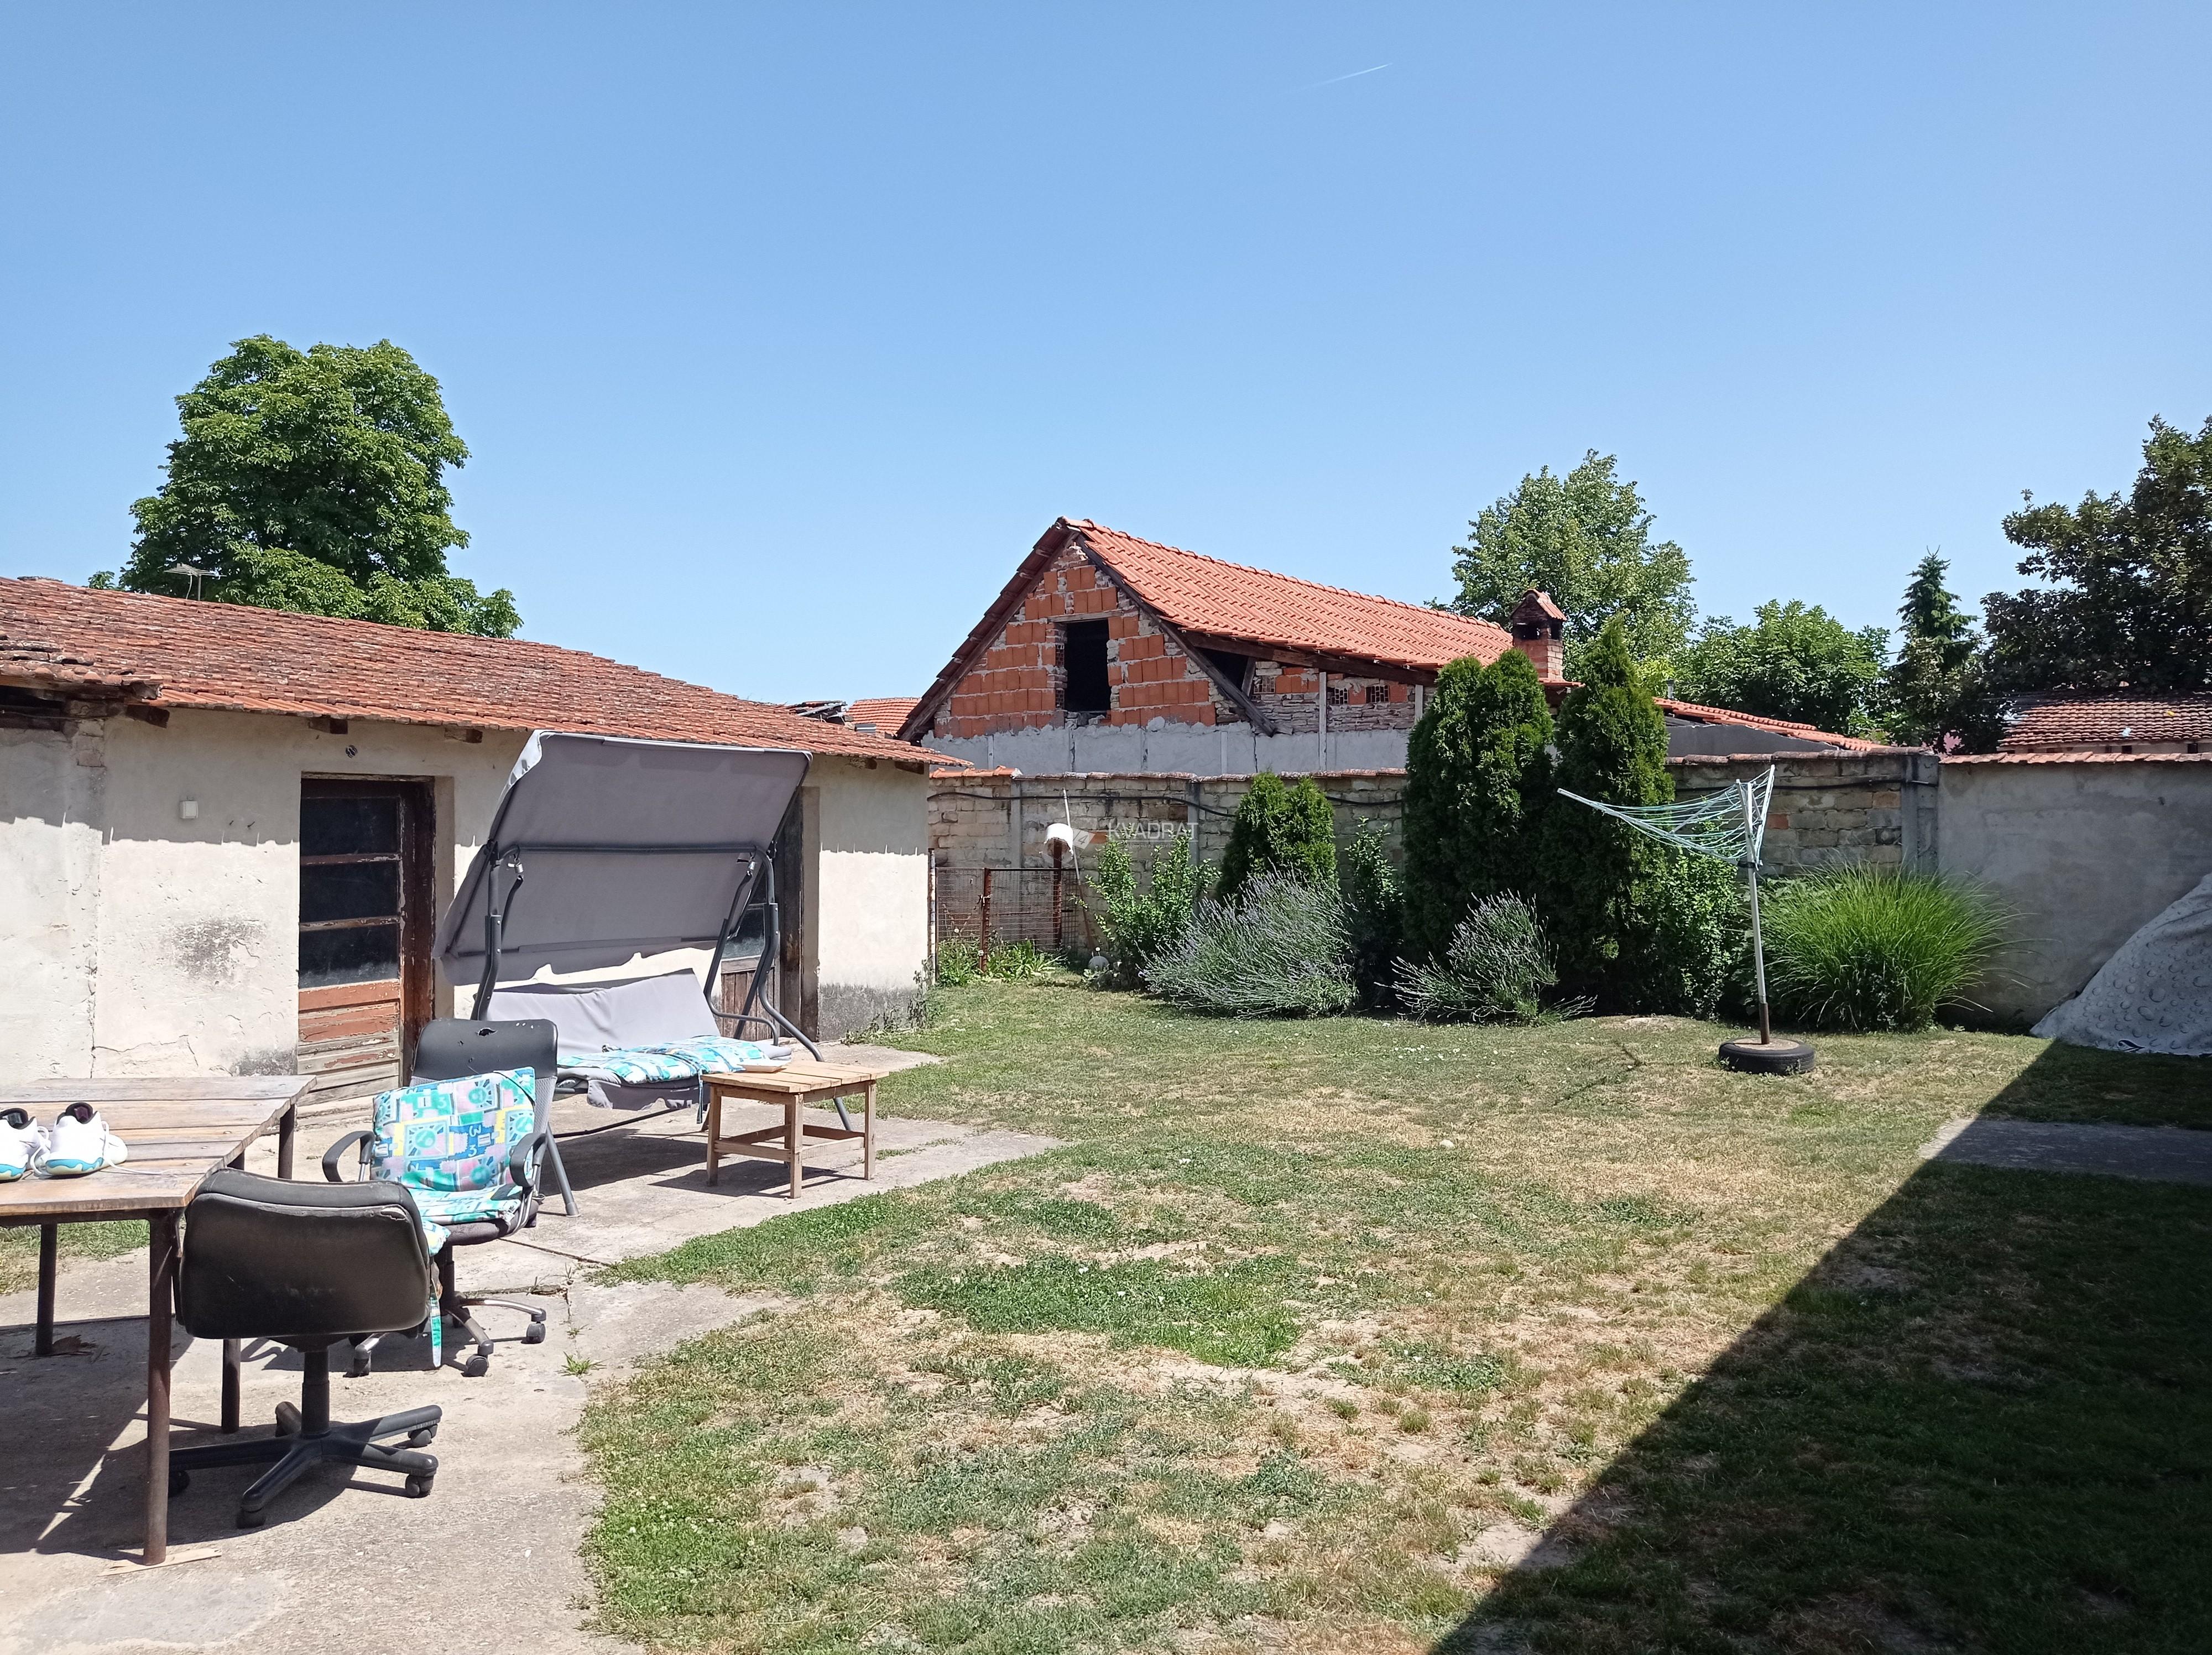 Novo selo, prizemna samostalna kuća!